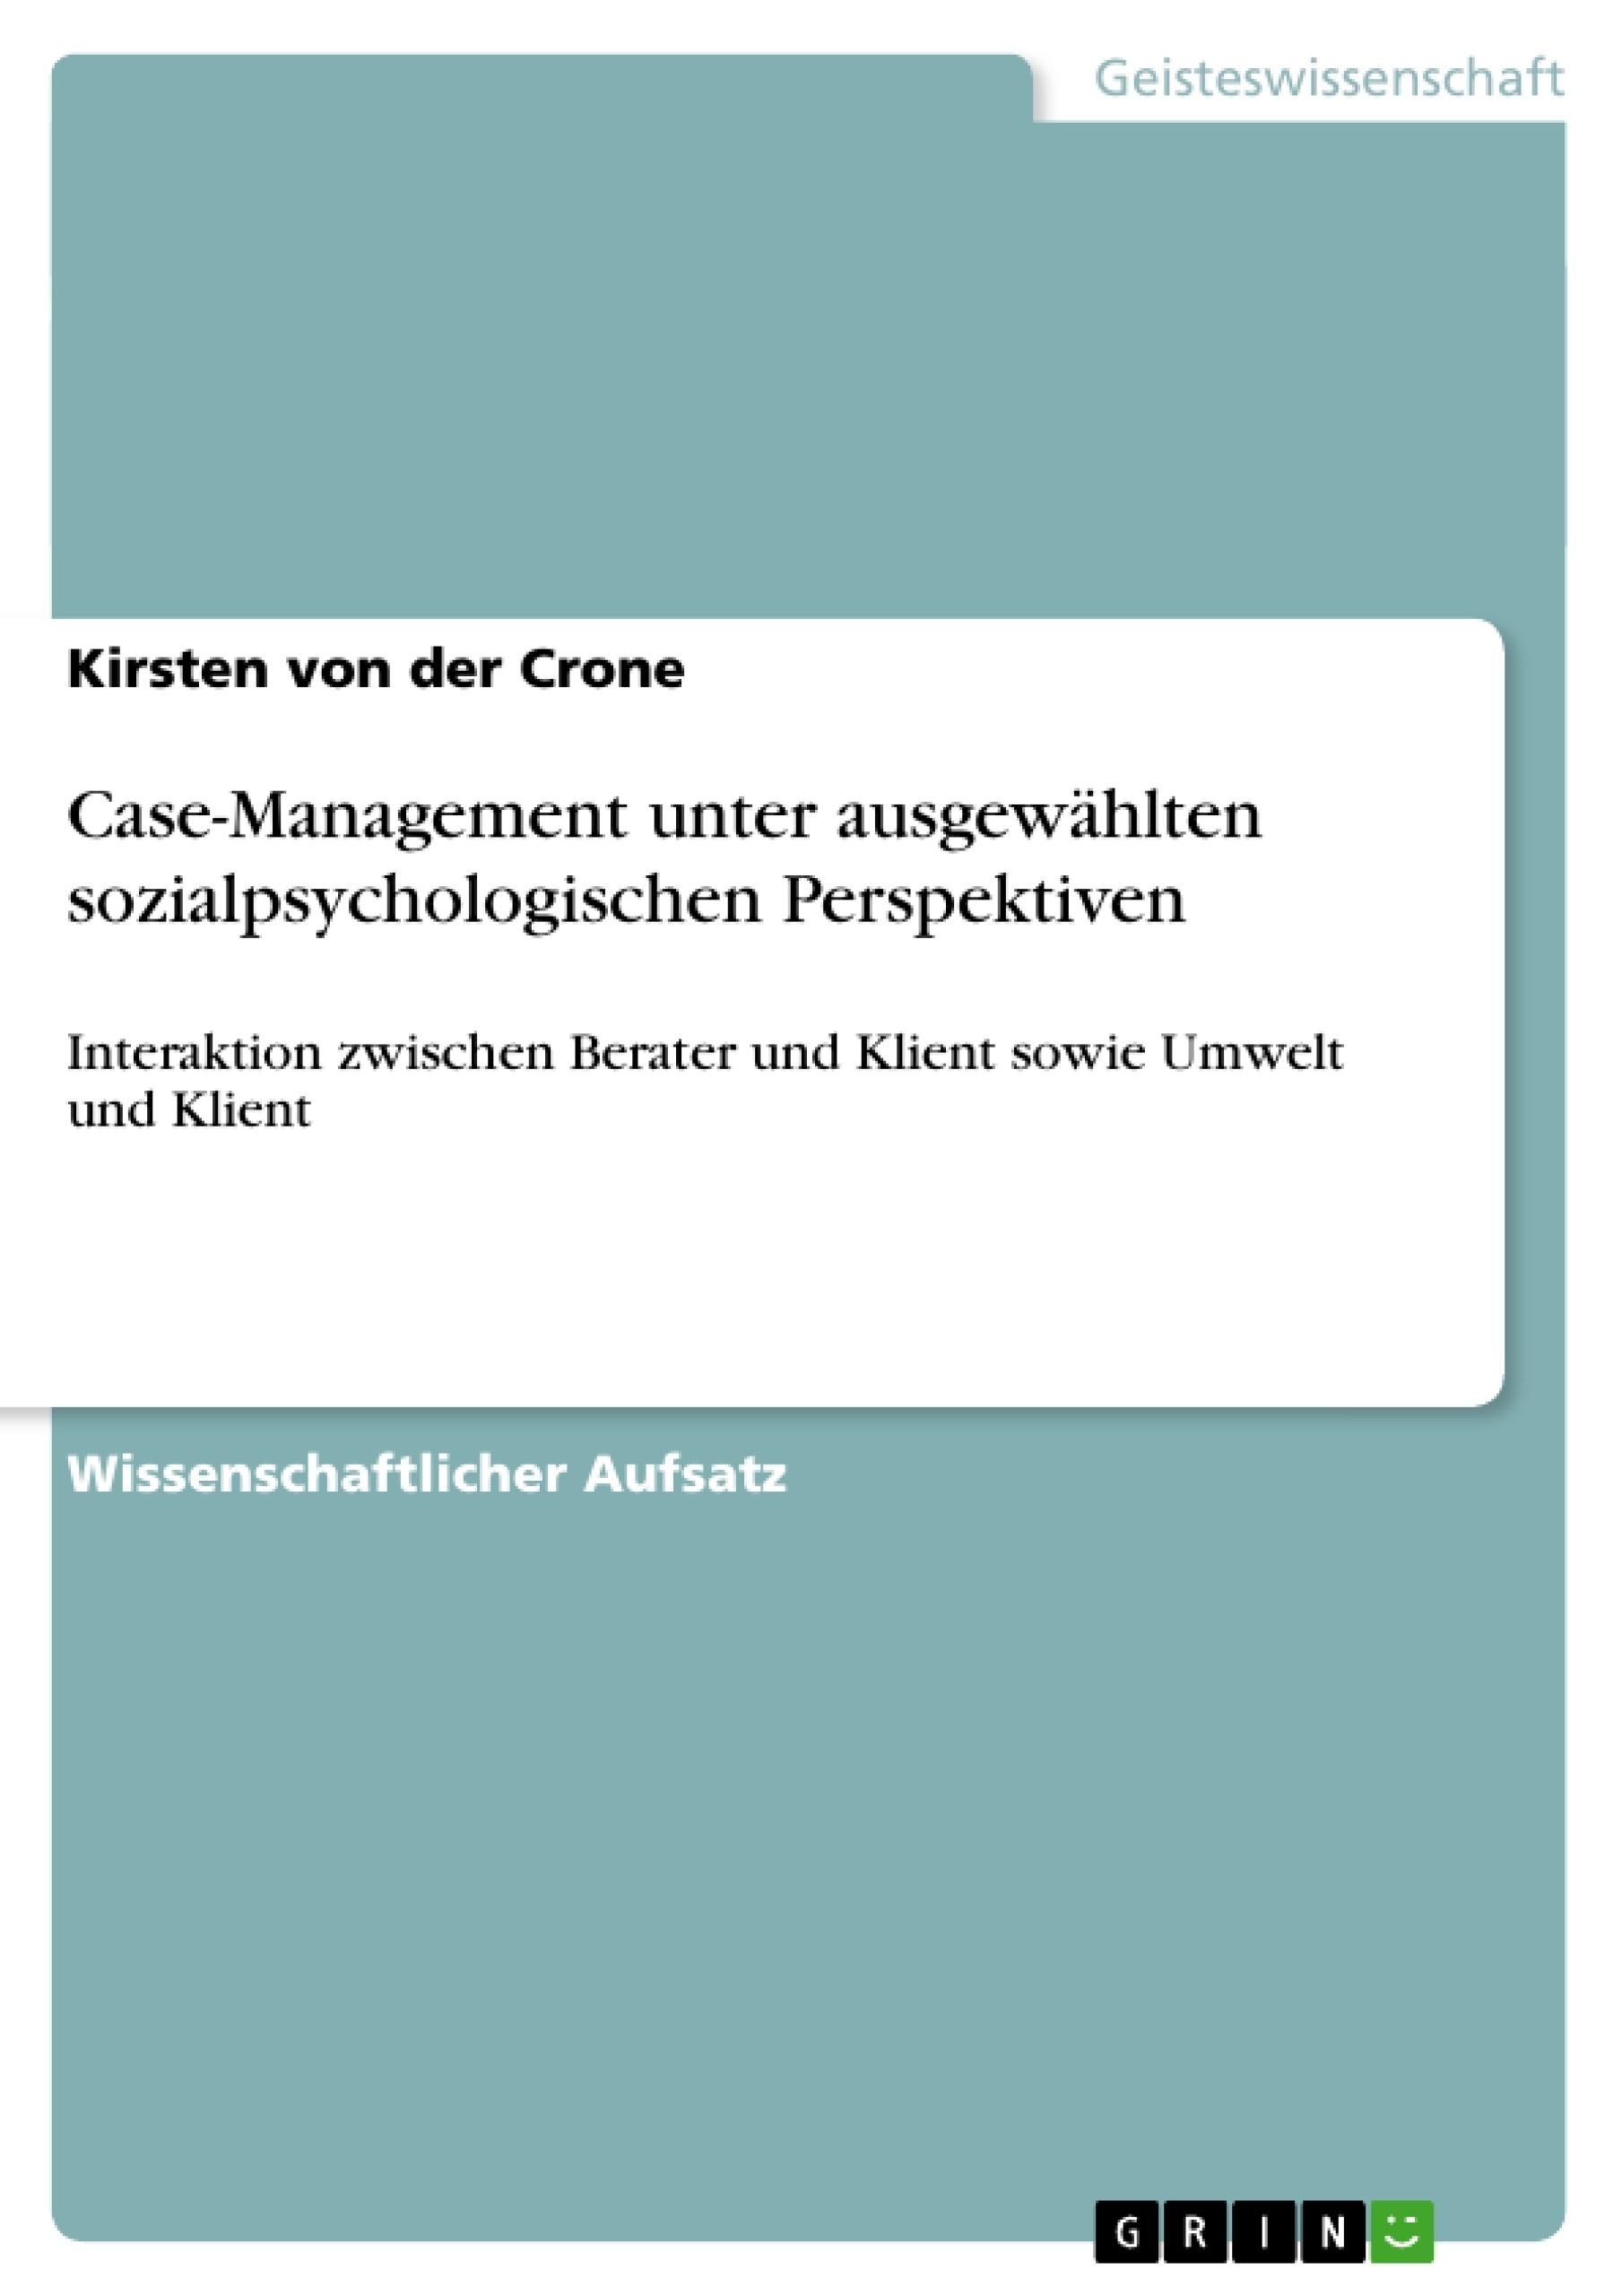 Titel: Case-Management unter ausgewählten sozialpsychologischen Perspektiven